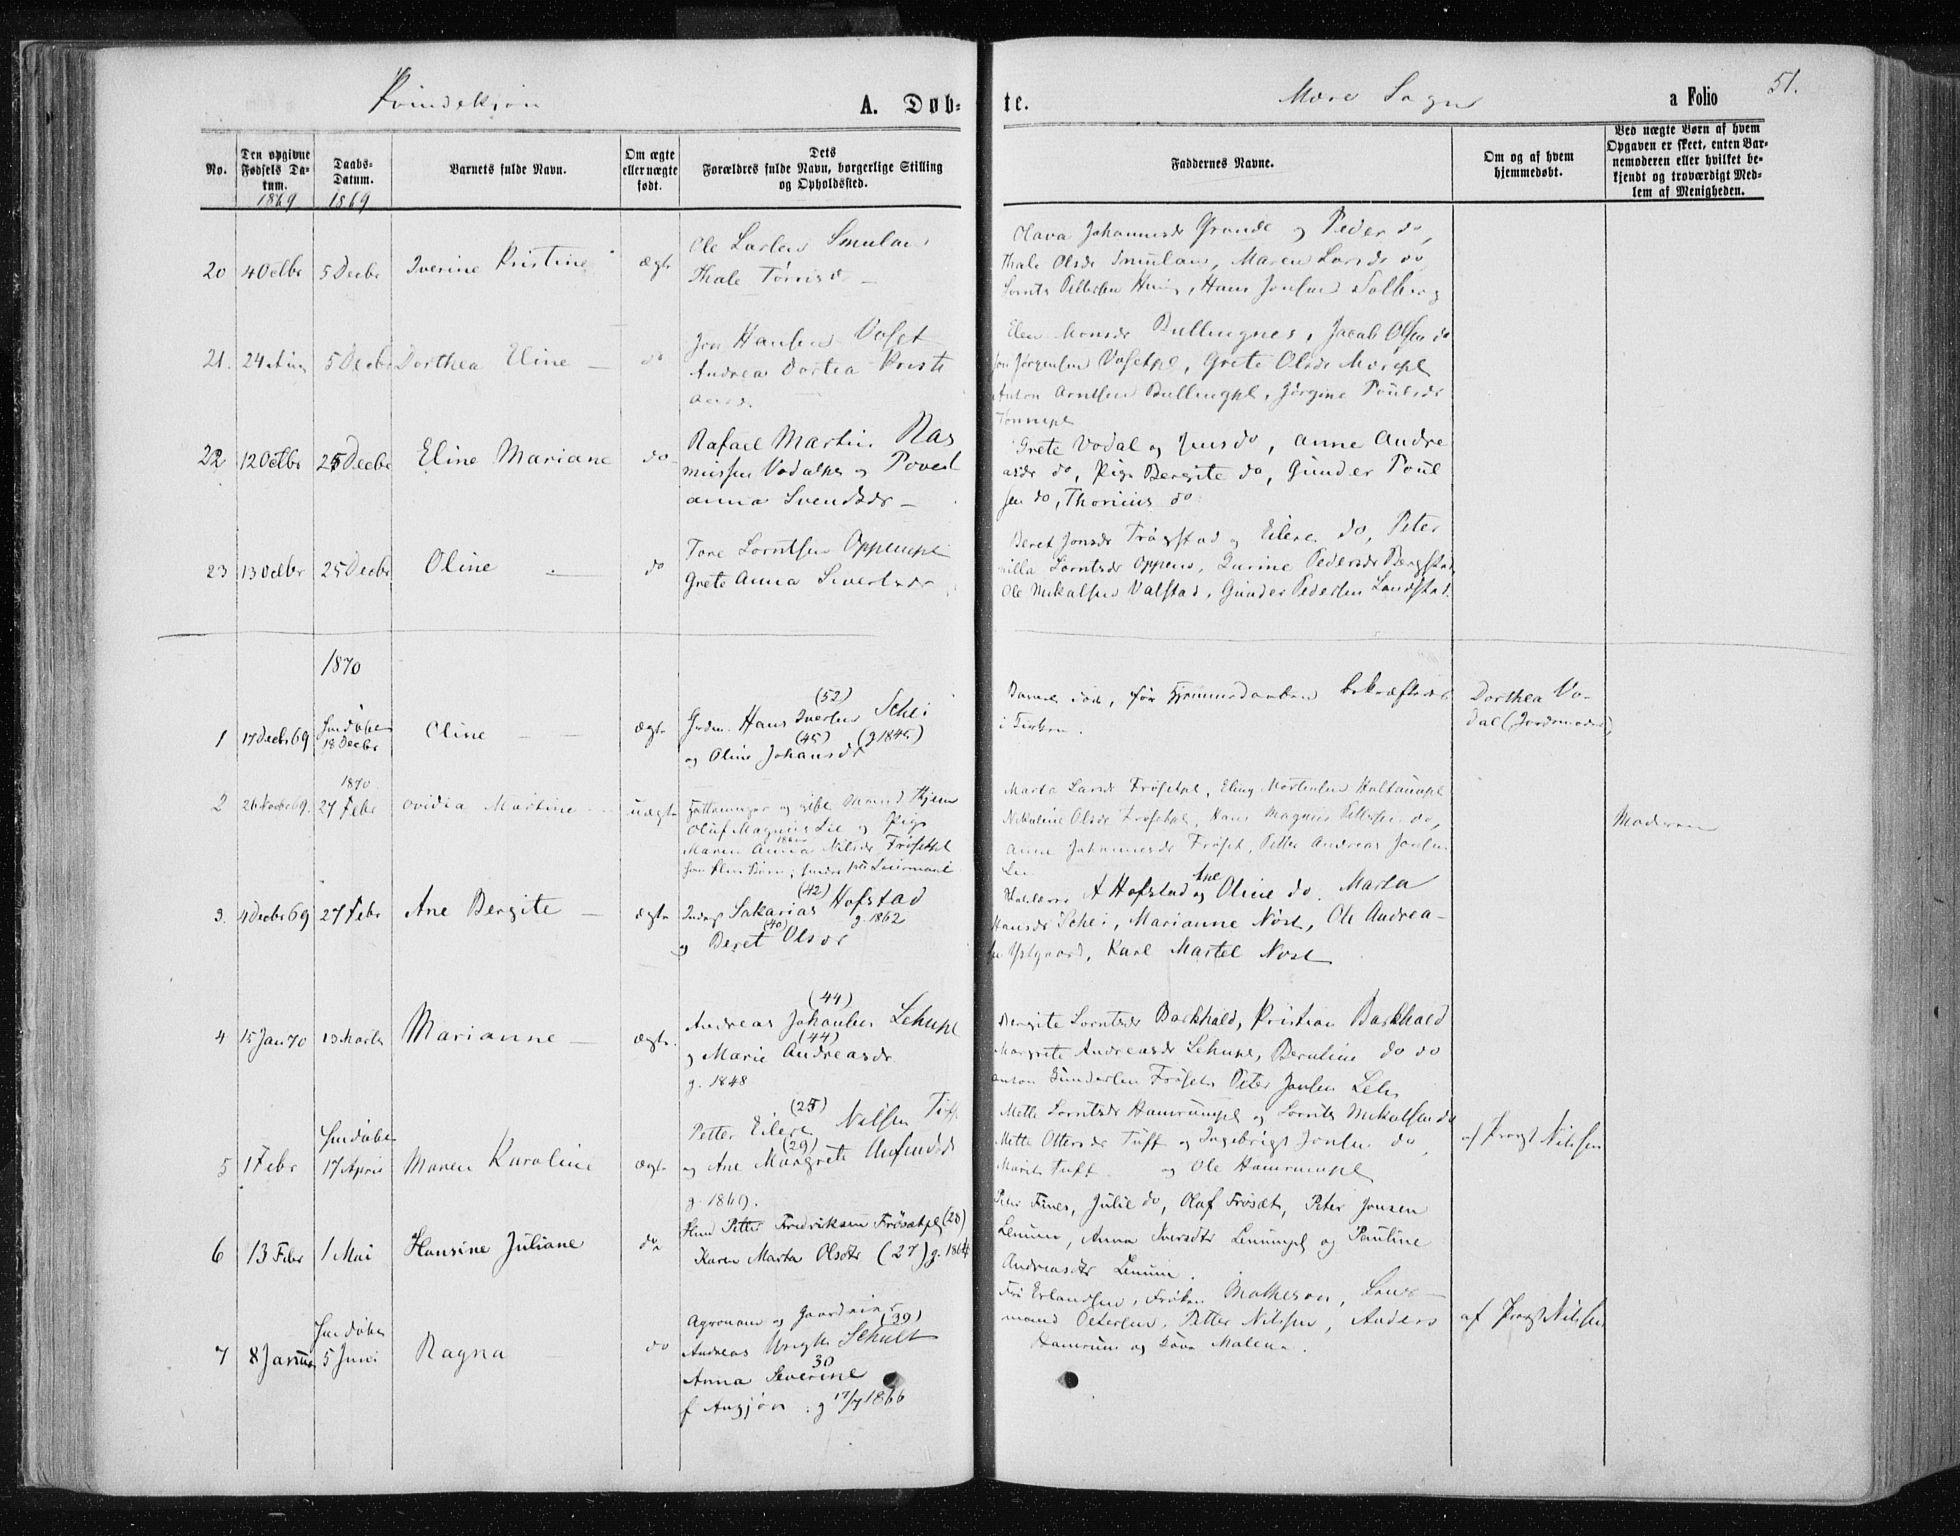 SAT, Ministerialprotokoller, klokkerbøker og fødselsregistre - Nord-Trøndelag, 735/L0345: Ministerialbok nr. 735A08 /1, 1863-1872, s. 51